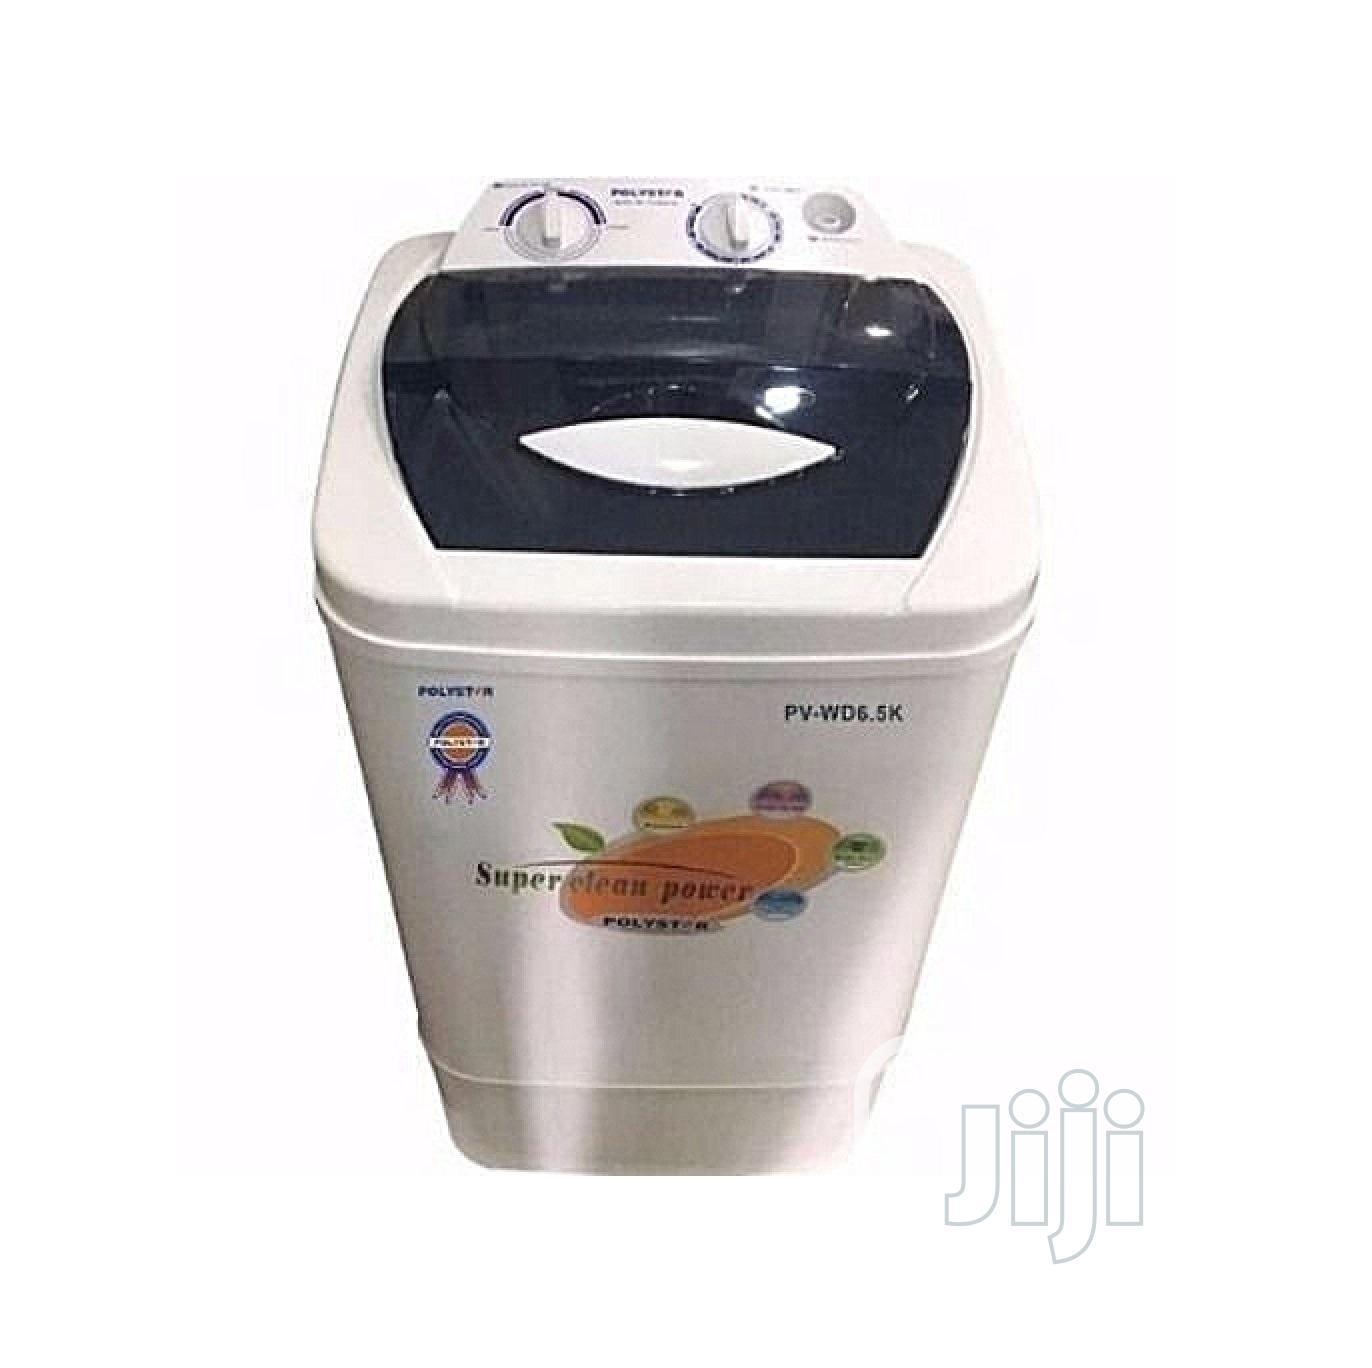 Polystar 6.5kg Manual Washing Machine Pv-Wd6.5kg N14